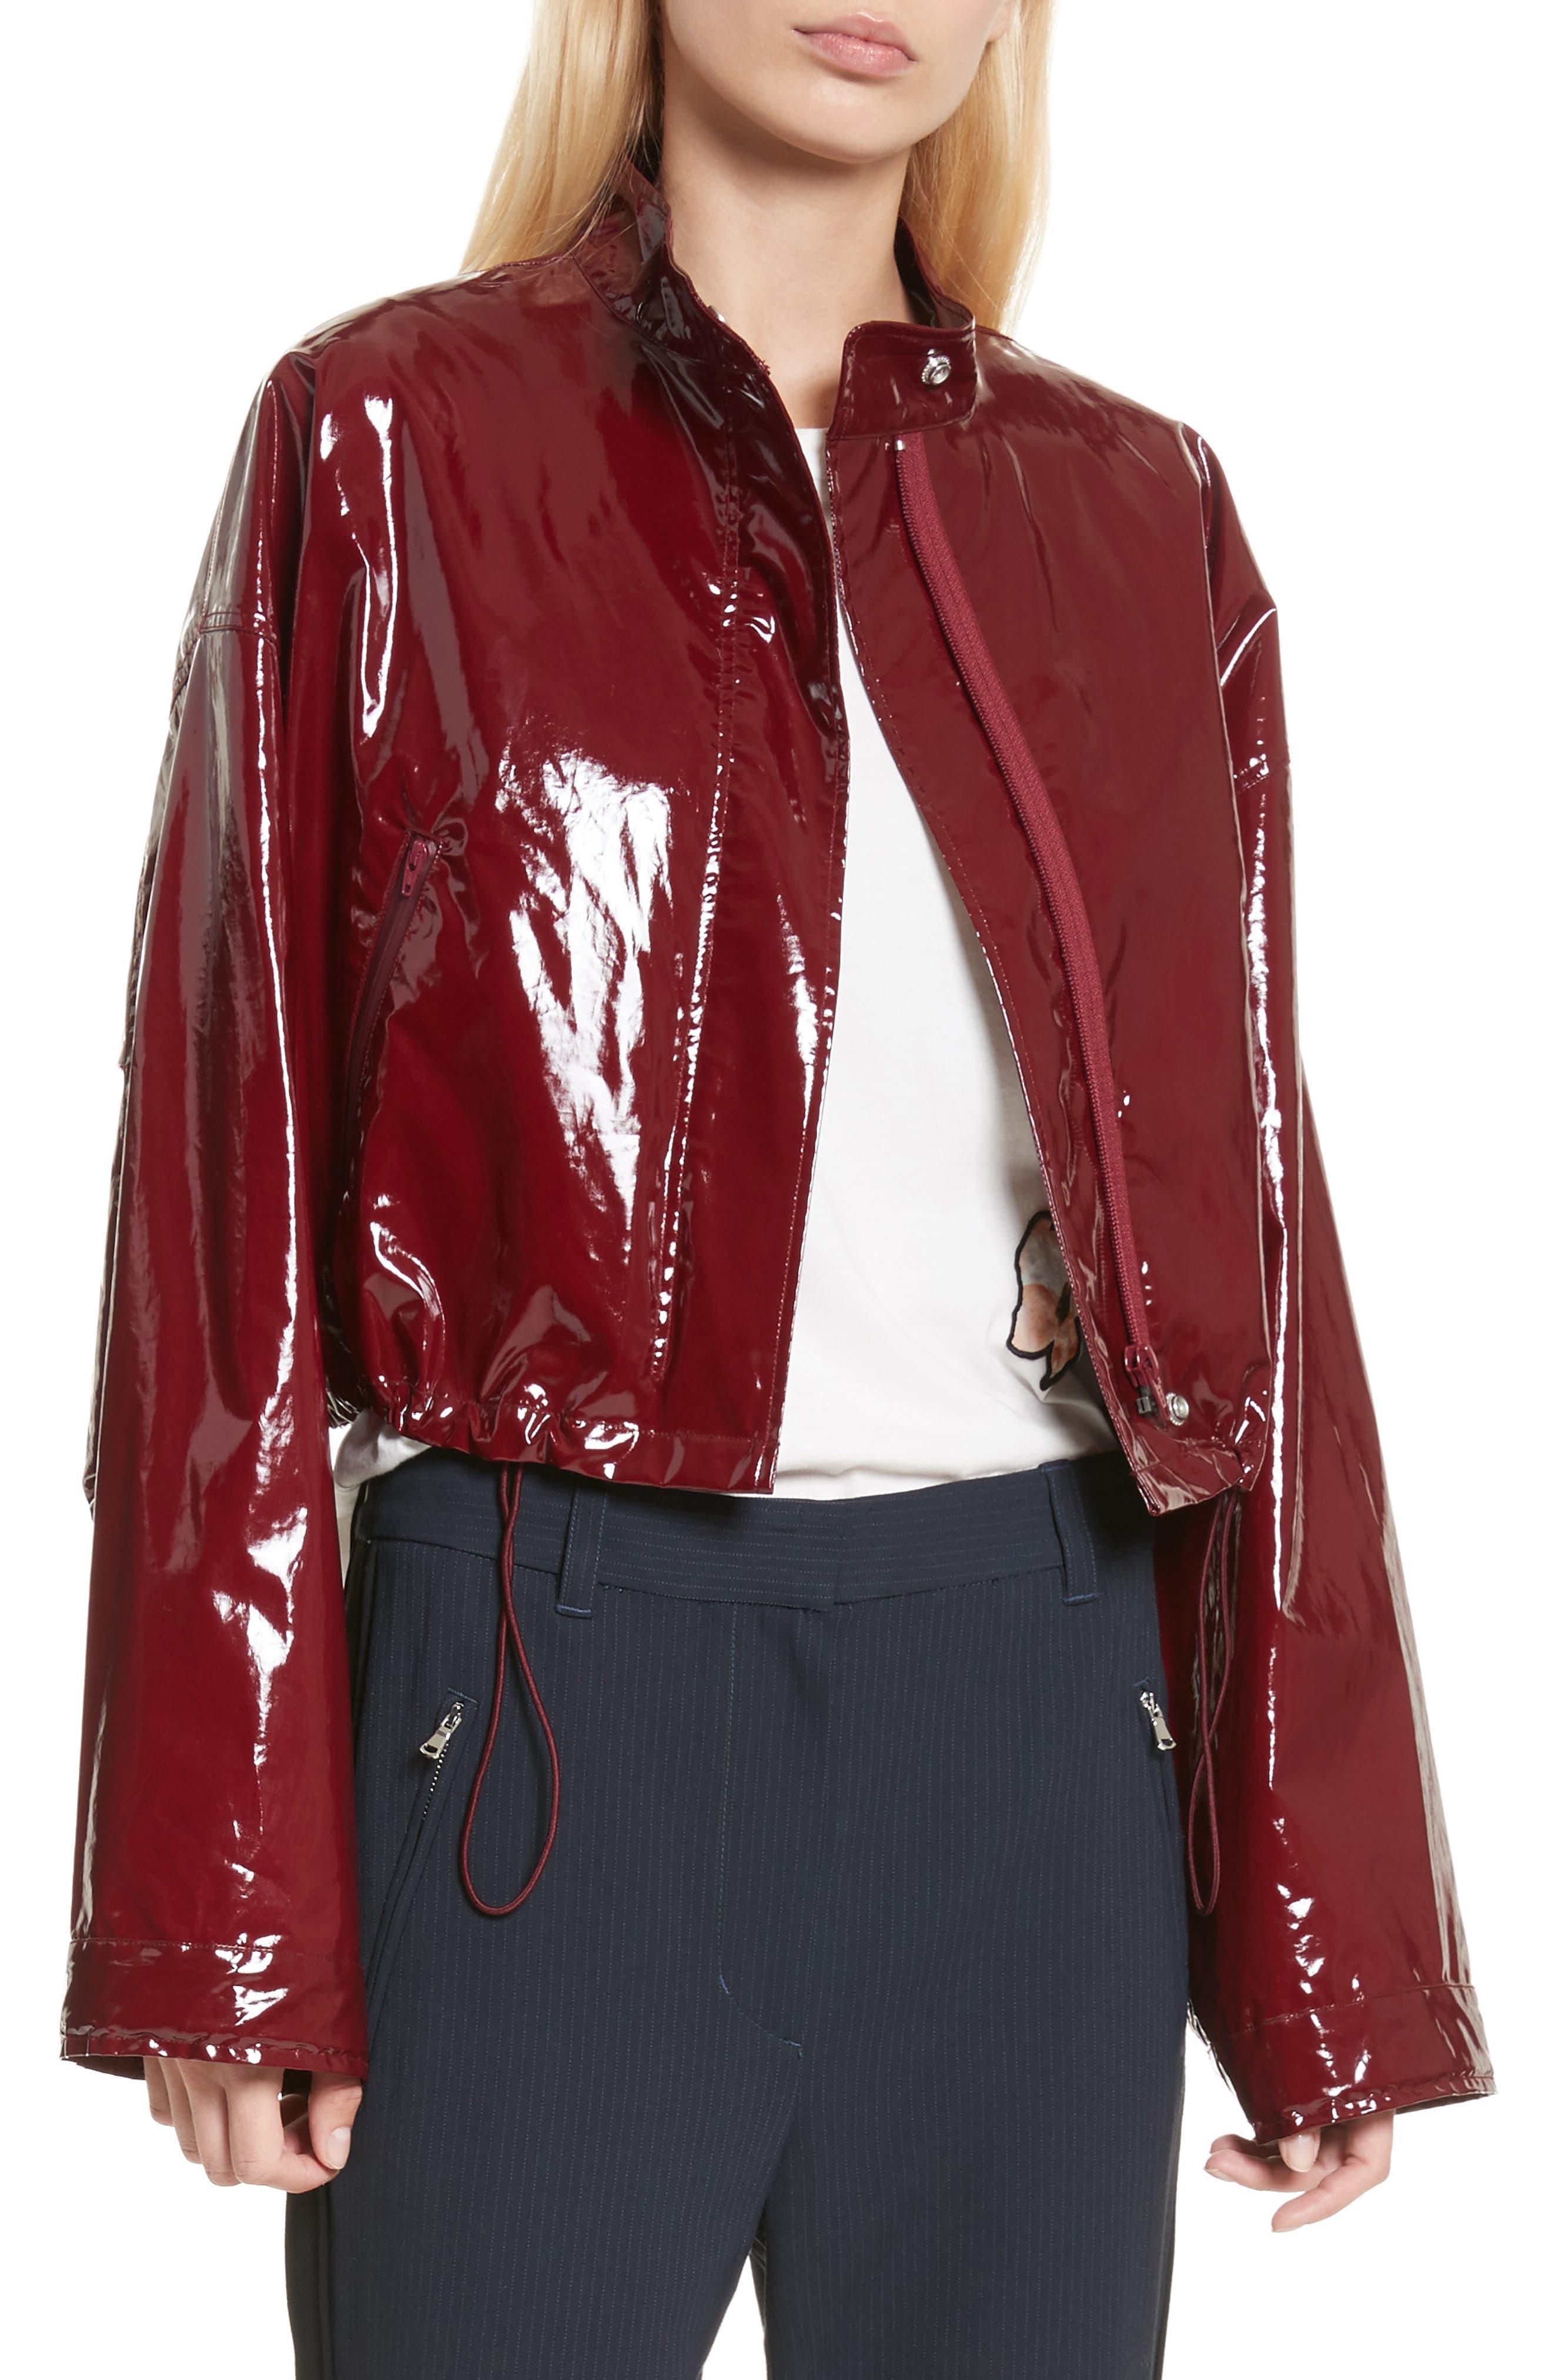 Main Image - 3.1 Phillip Lim Coated Jacket